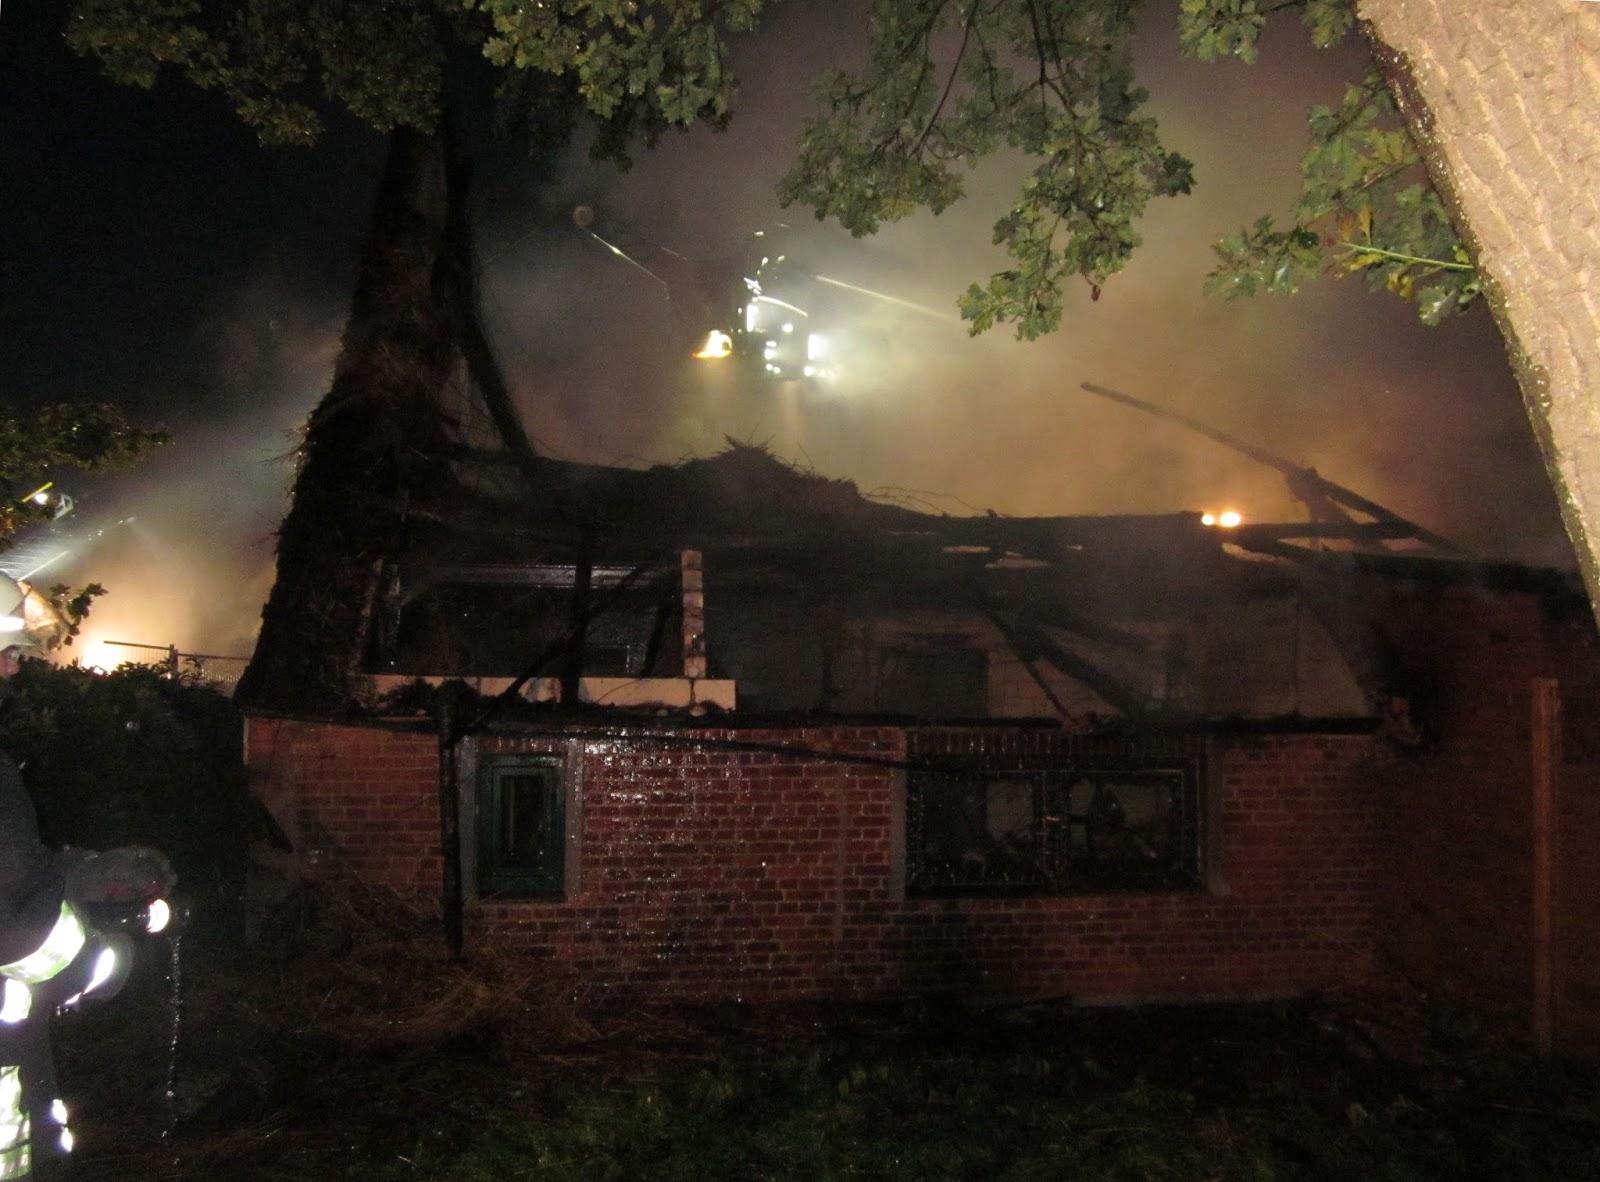 reetdachhaus brennt bis auf die grundmauern nieder bremerhaven news. Black Bedroom Furniture Sets. Home Design Ideas